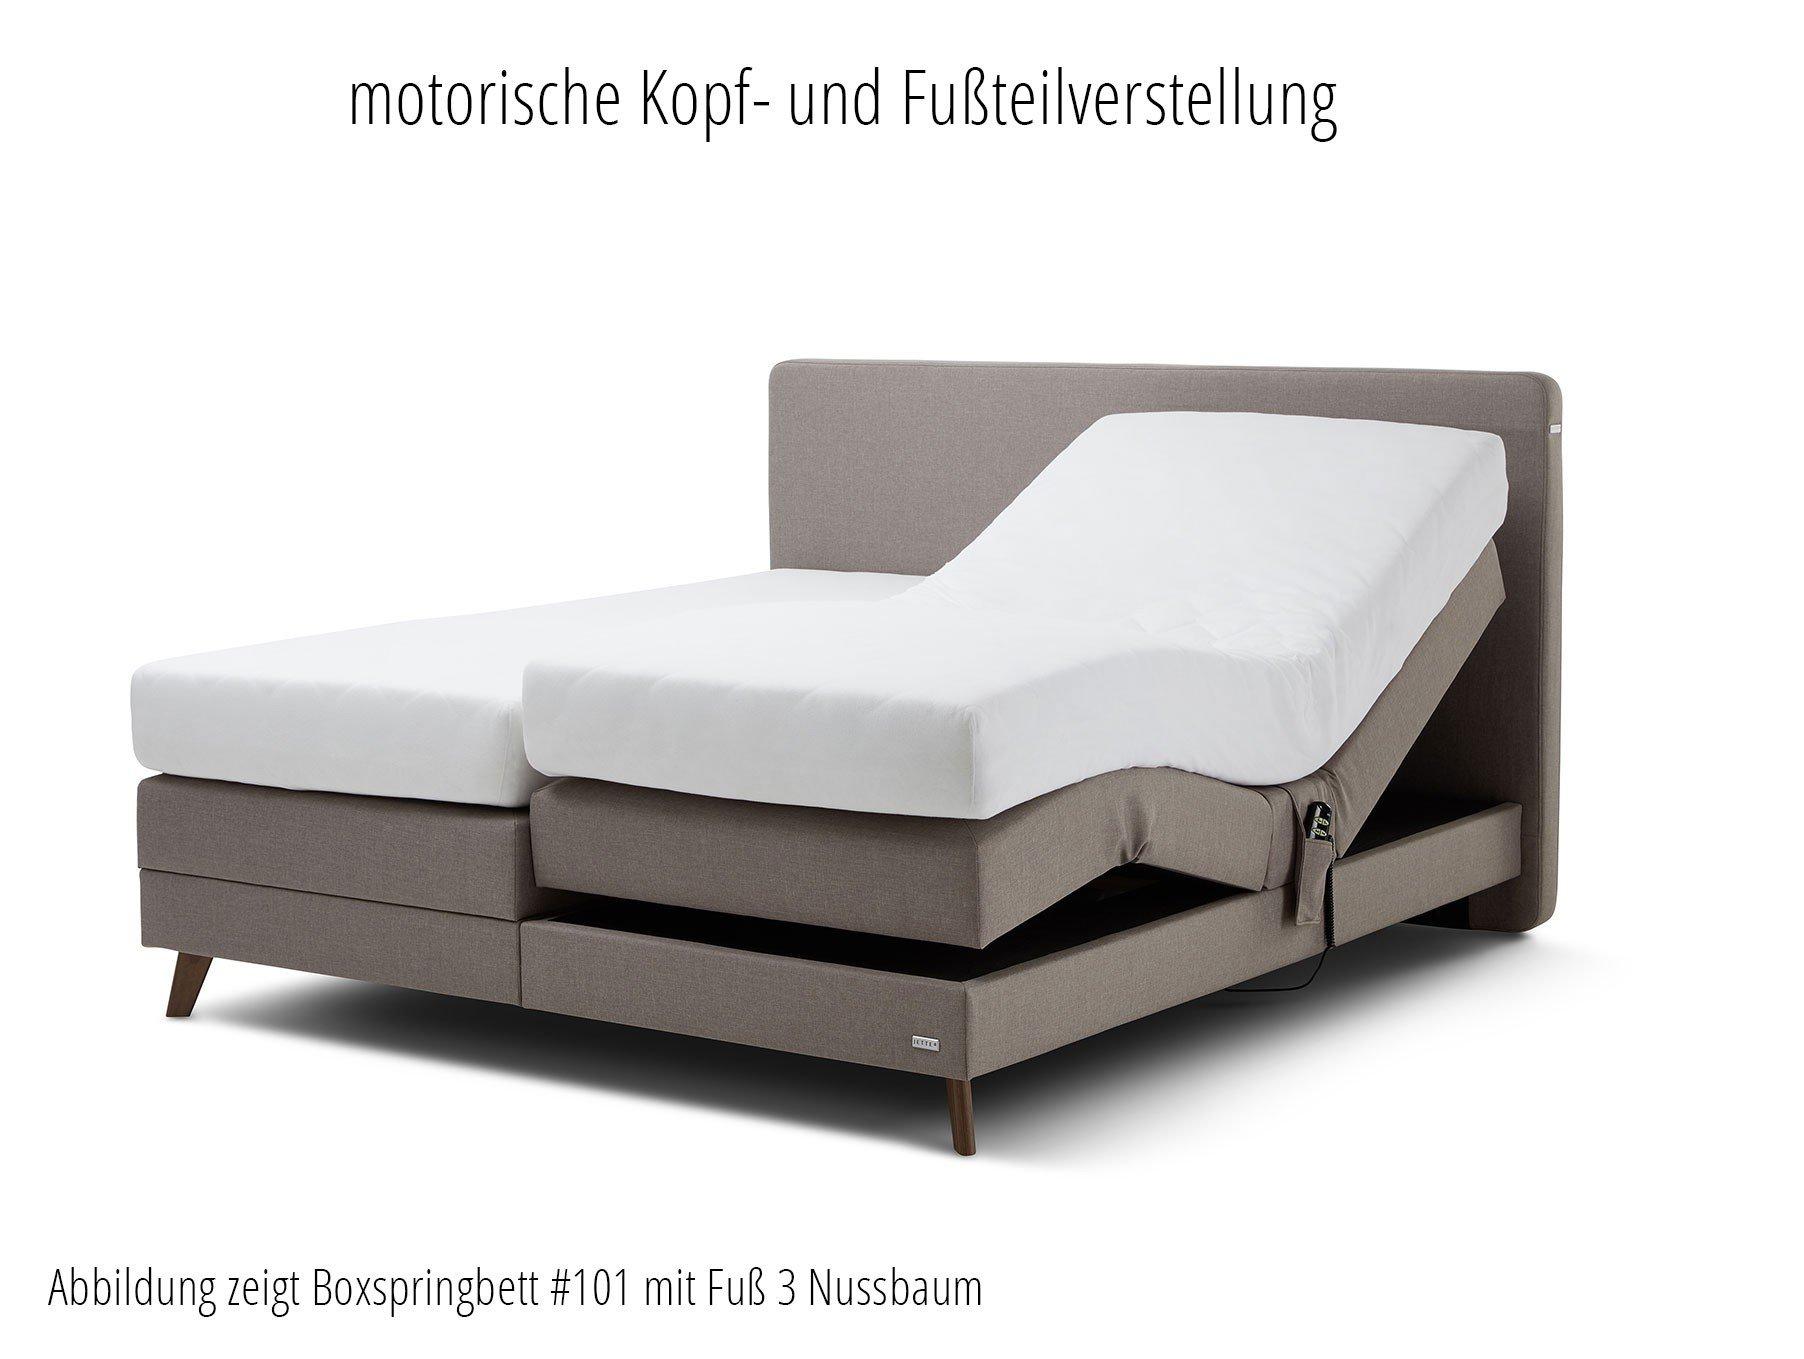 Boxspringbett #102 Cross von JETTE Betten in Schlamm | Möbel Letz ...